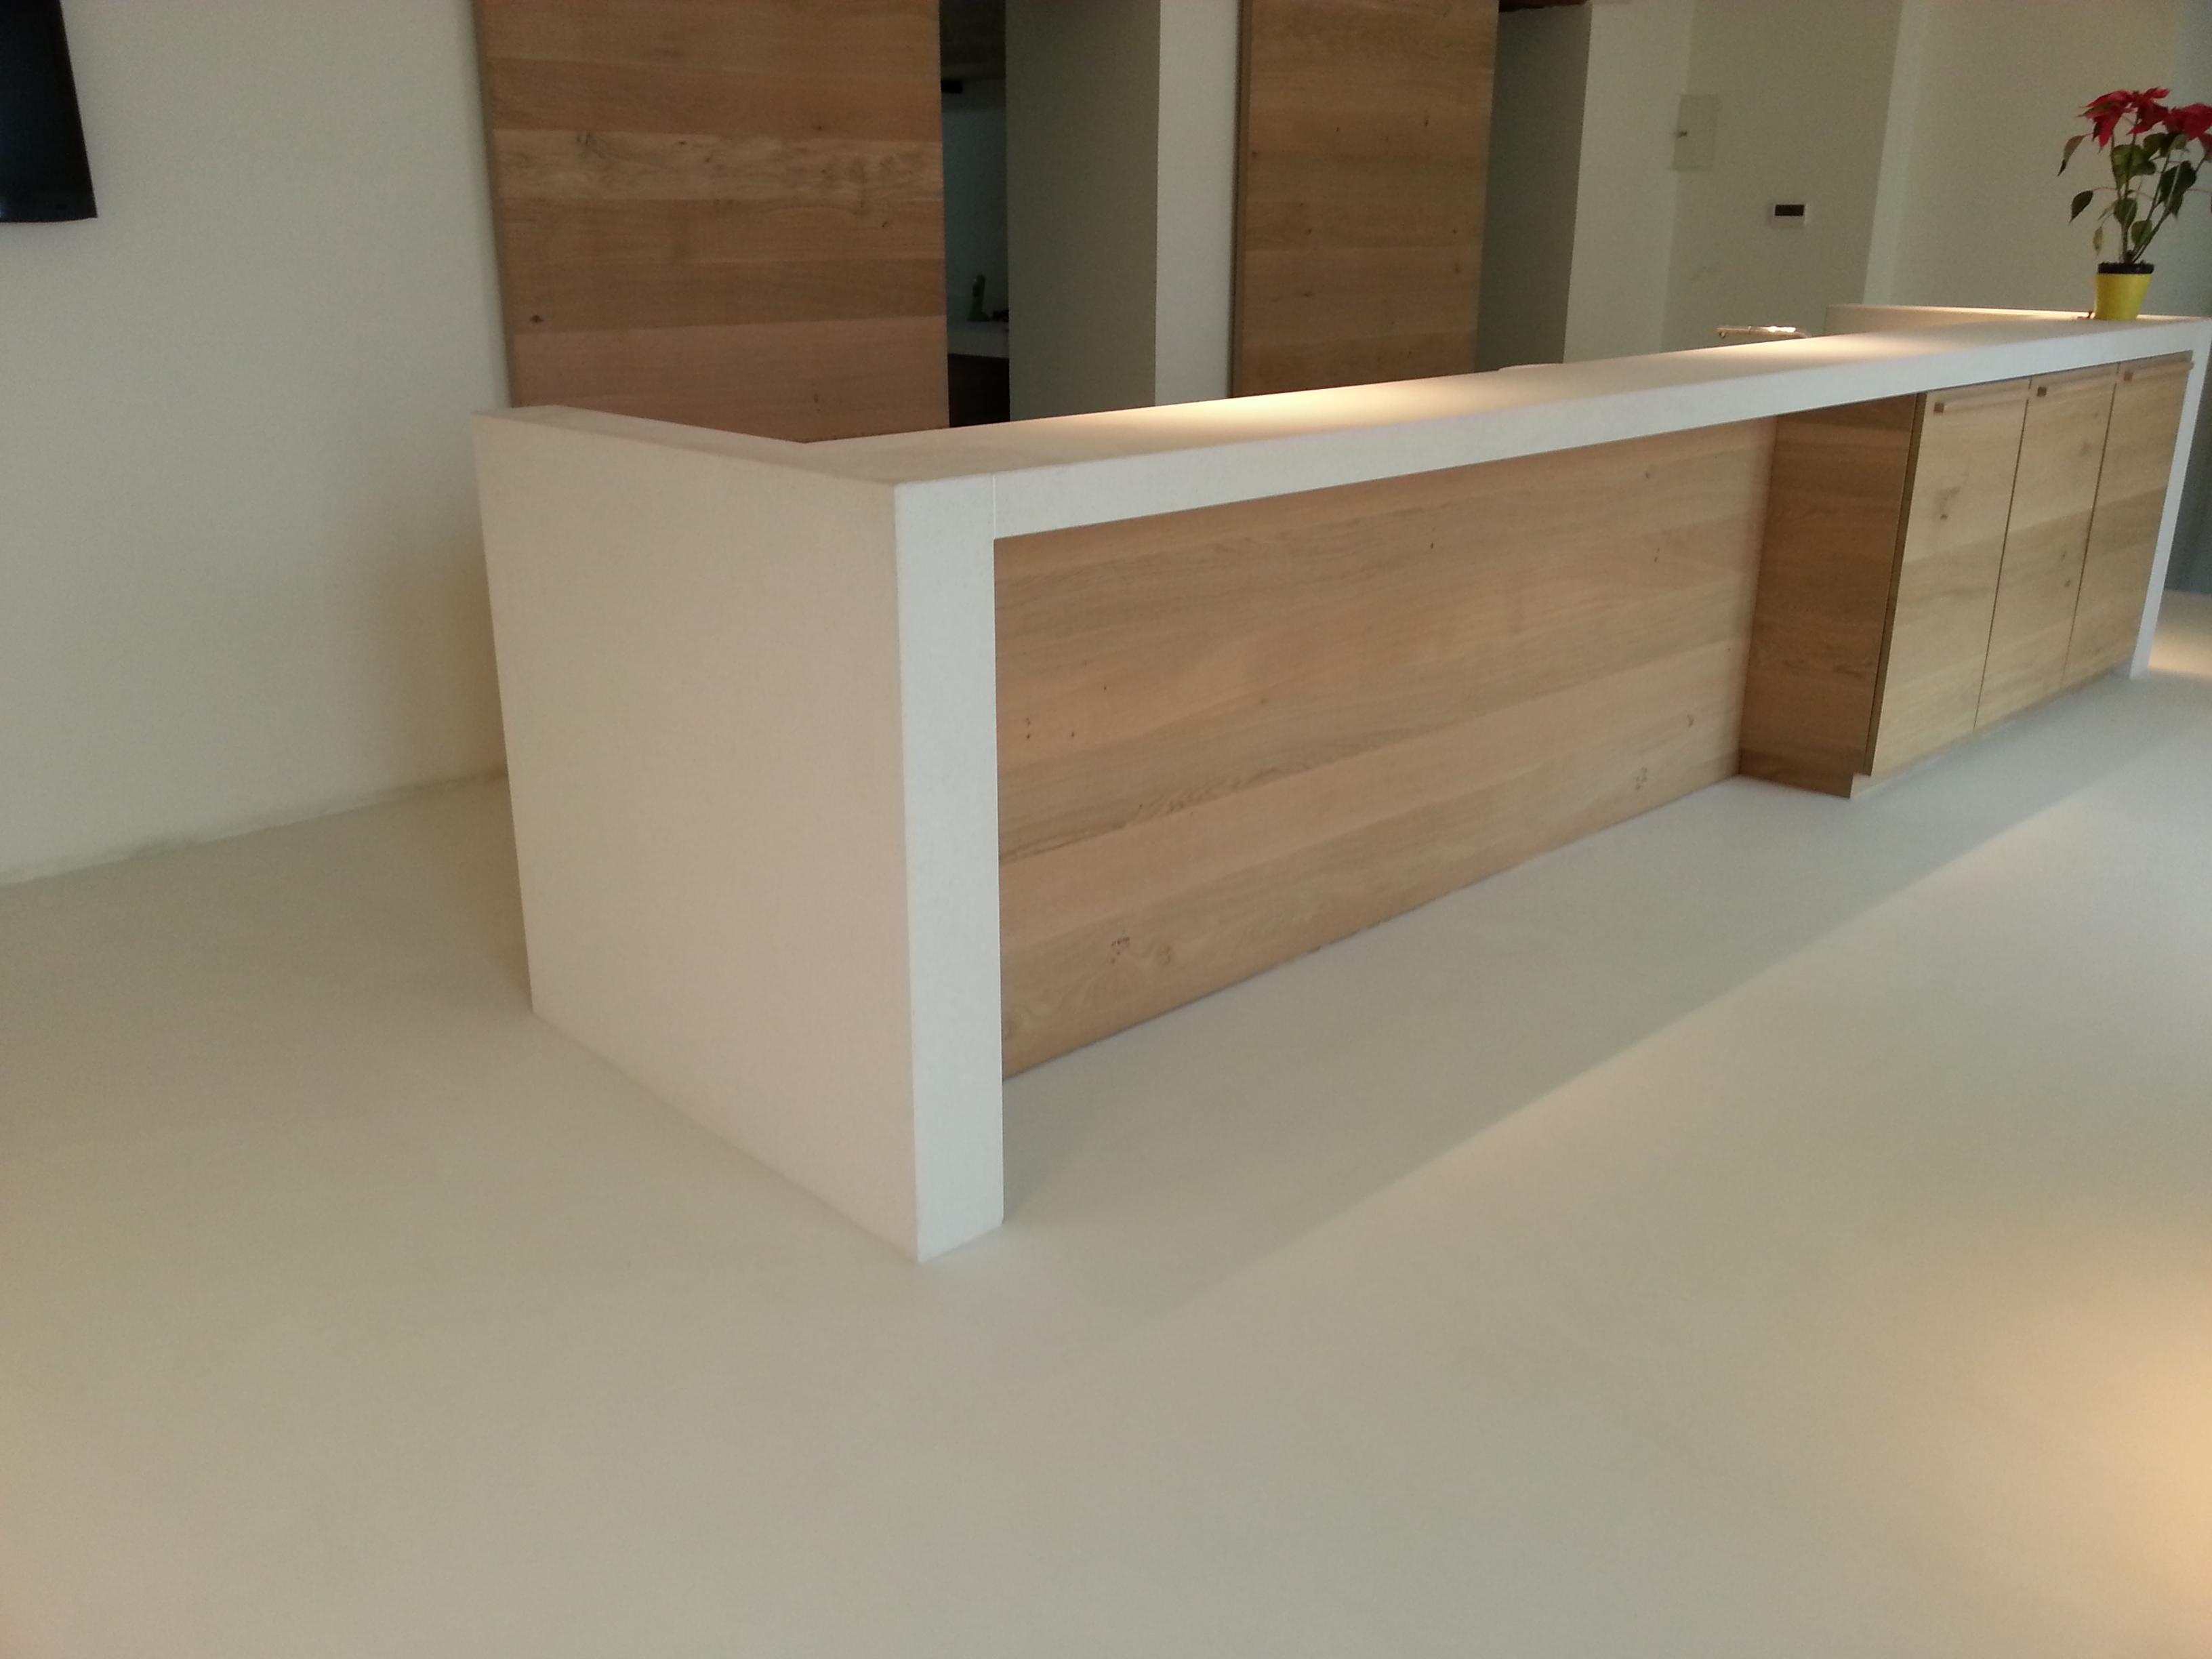 Bagno in cemento resinato le migliori idee per la tua design per la casa - Bagno cemento spatolato ...